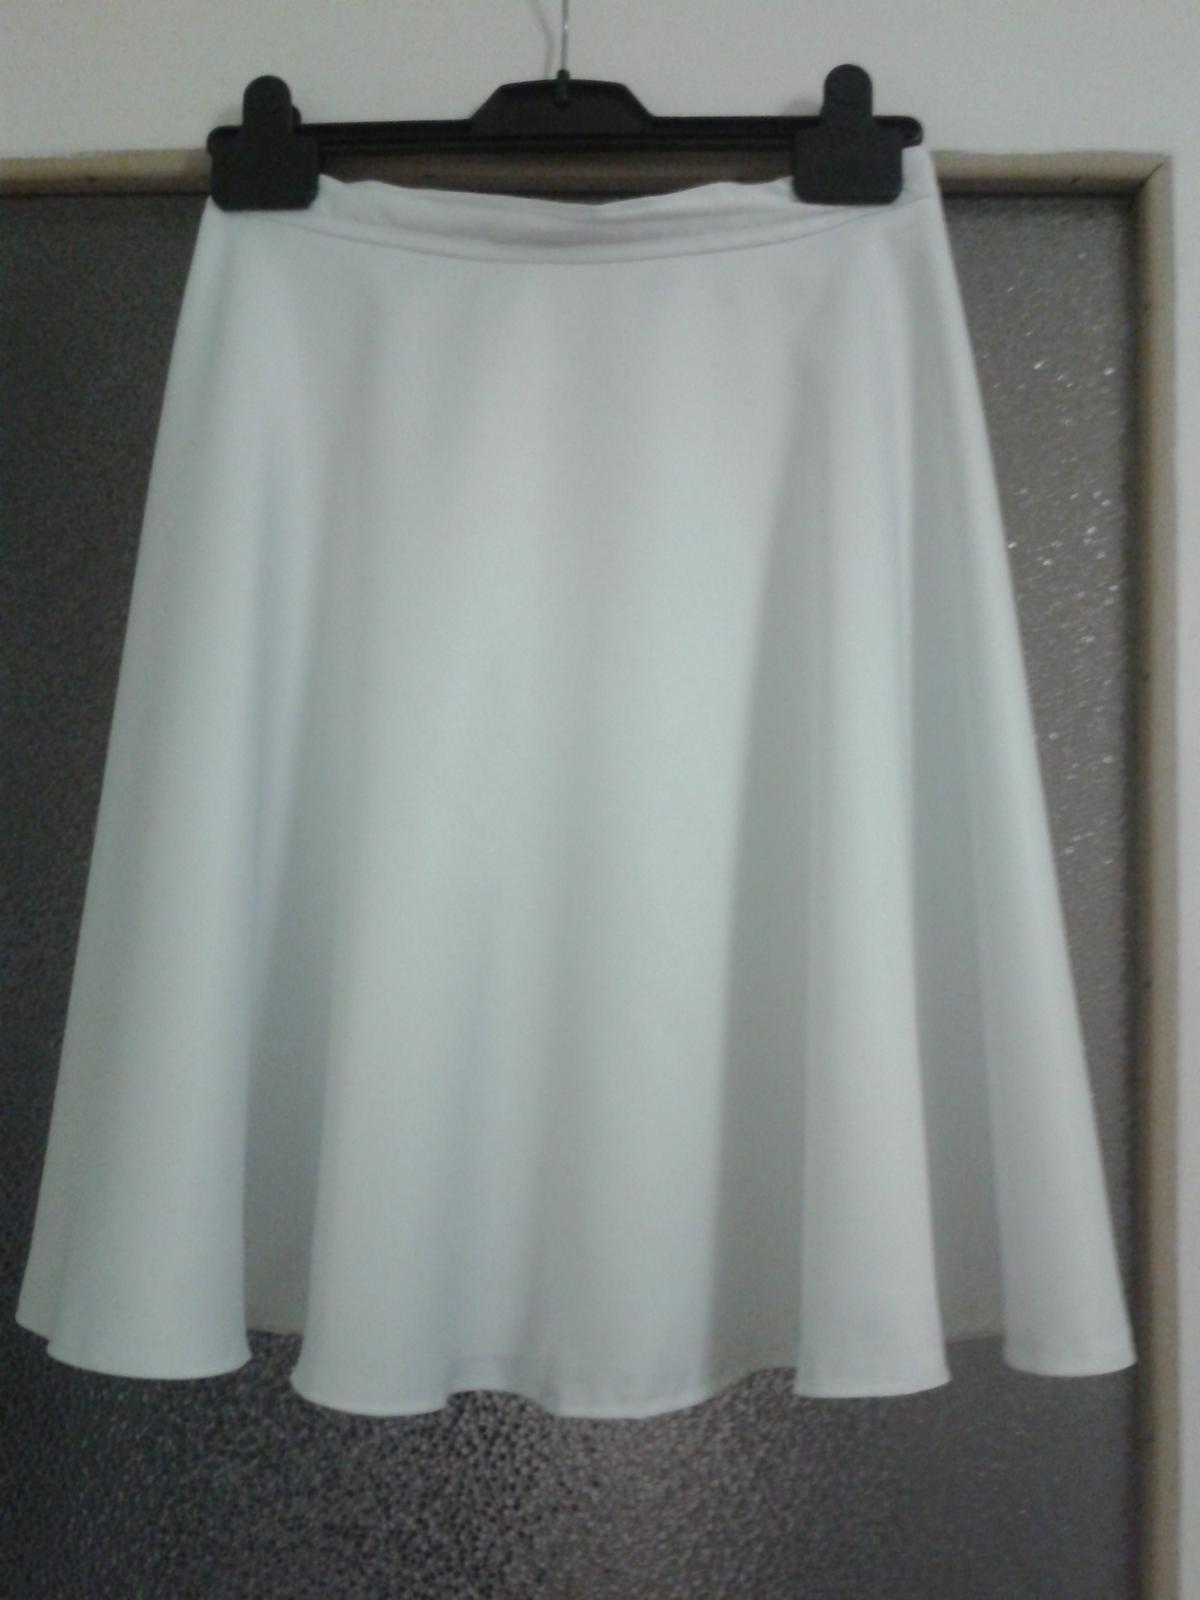 Biela saténová sukňa - Obrázok č. 3